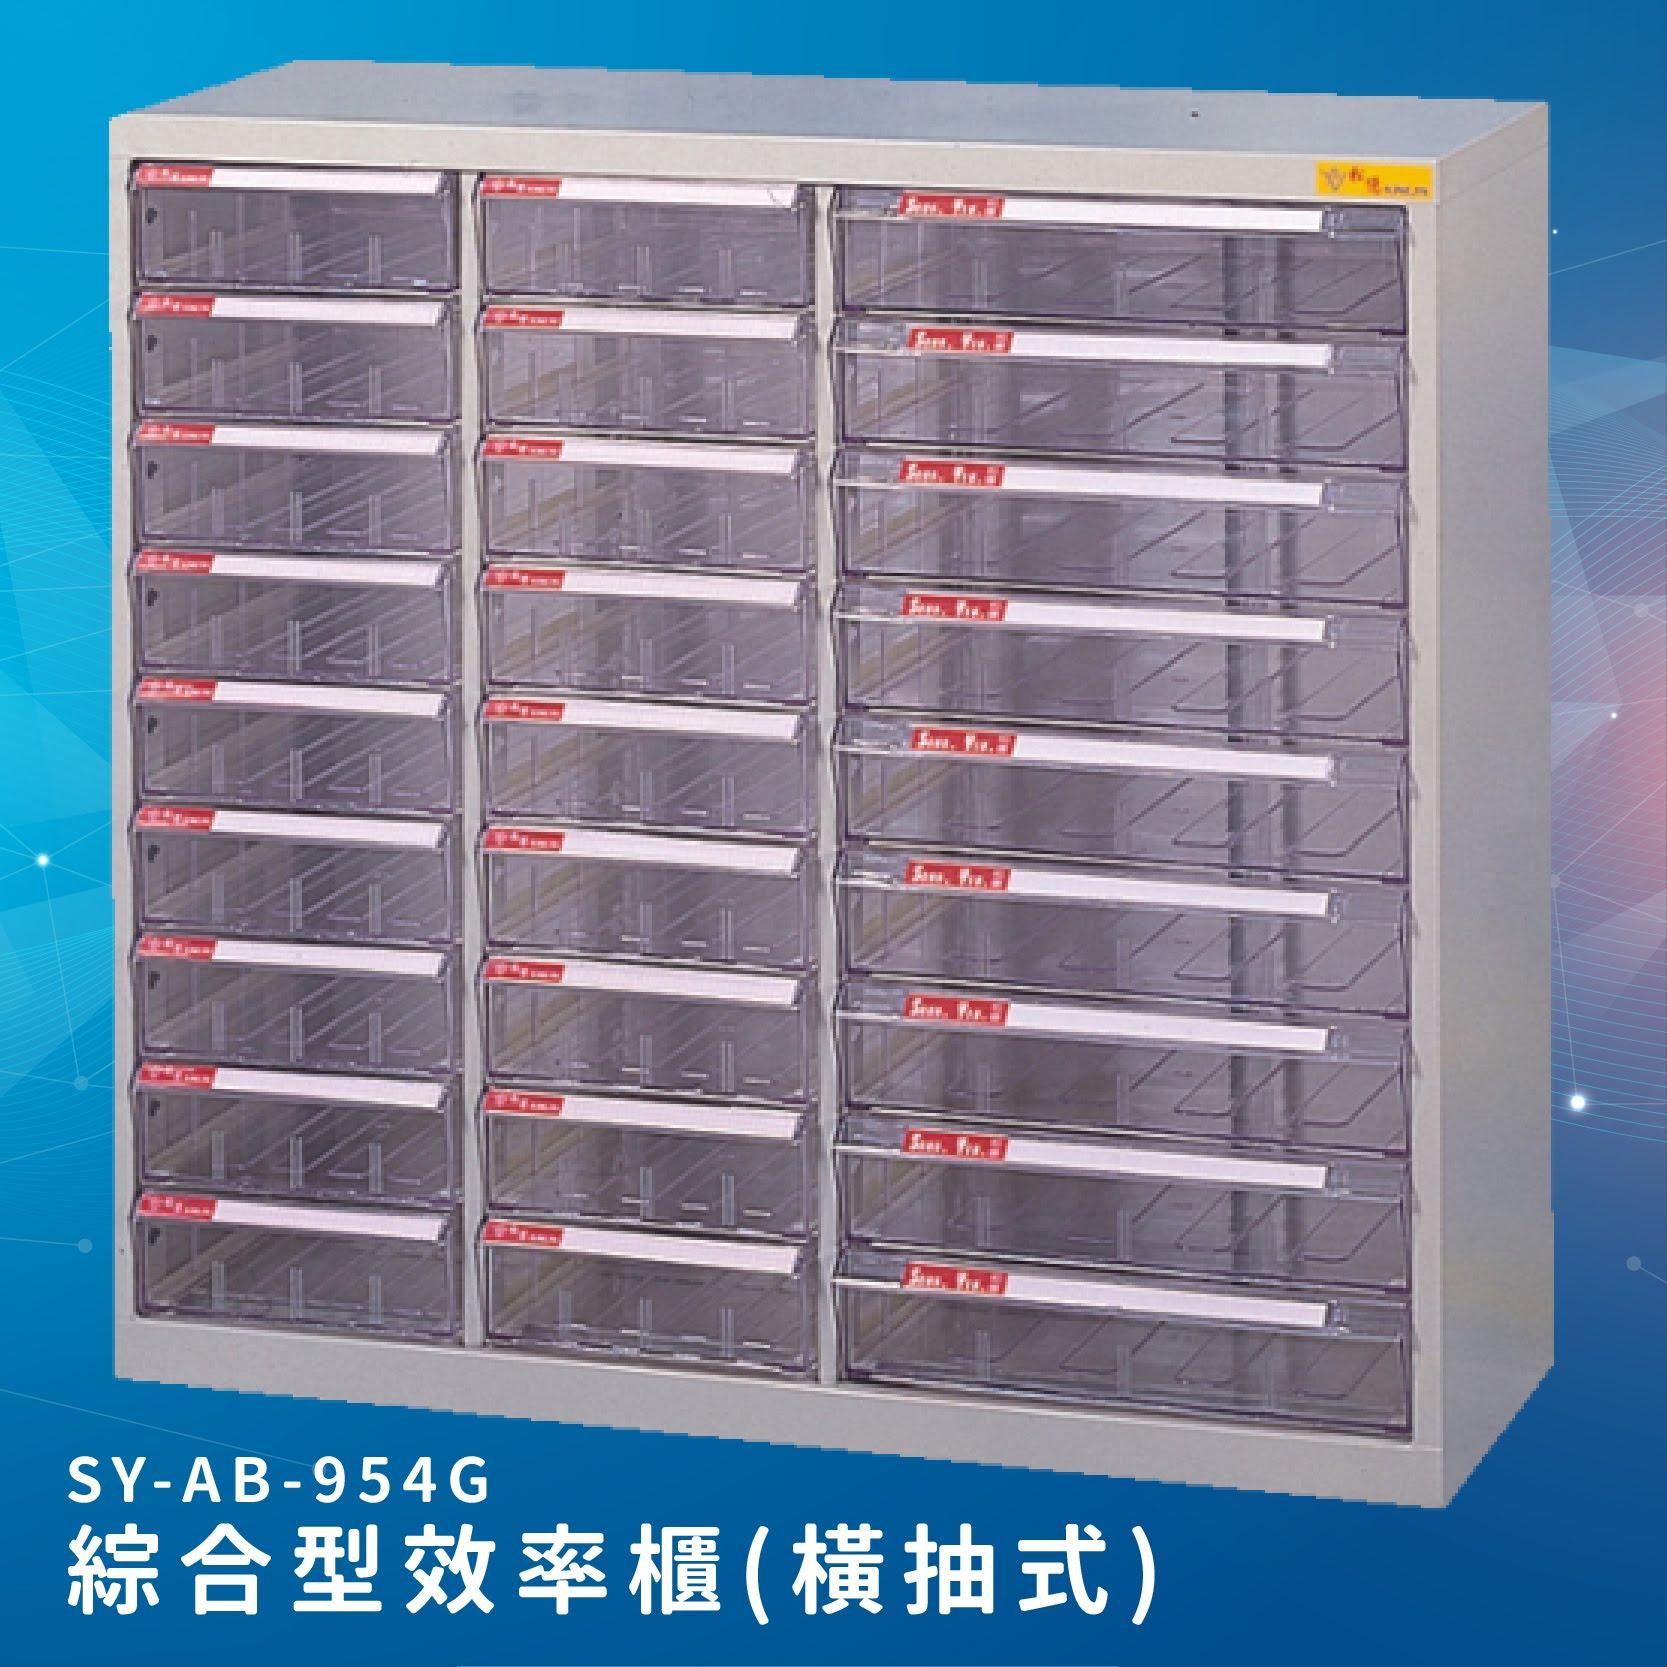 台灣製造【大富】SY-AB-954G 綜合效率櫃(橫抽式) 文件櫃 報表櫃 置物櫃 收納櫃 抽屜 台灣品牌 B4 A4